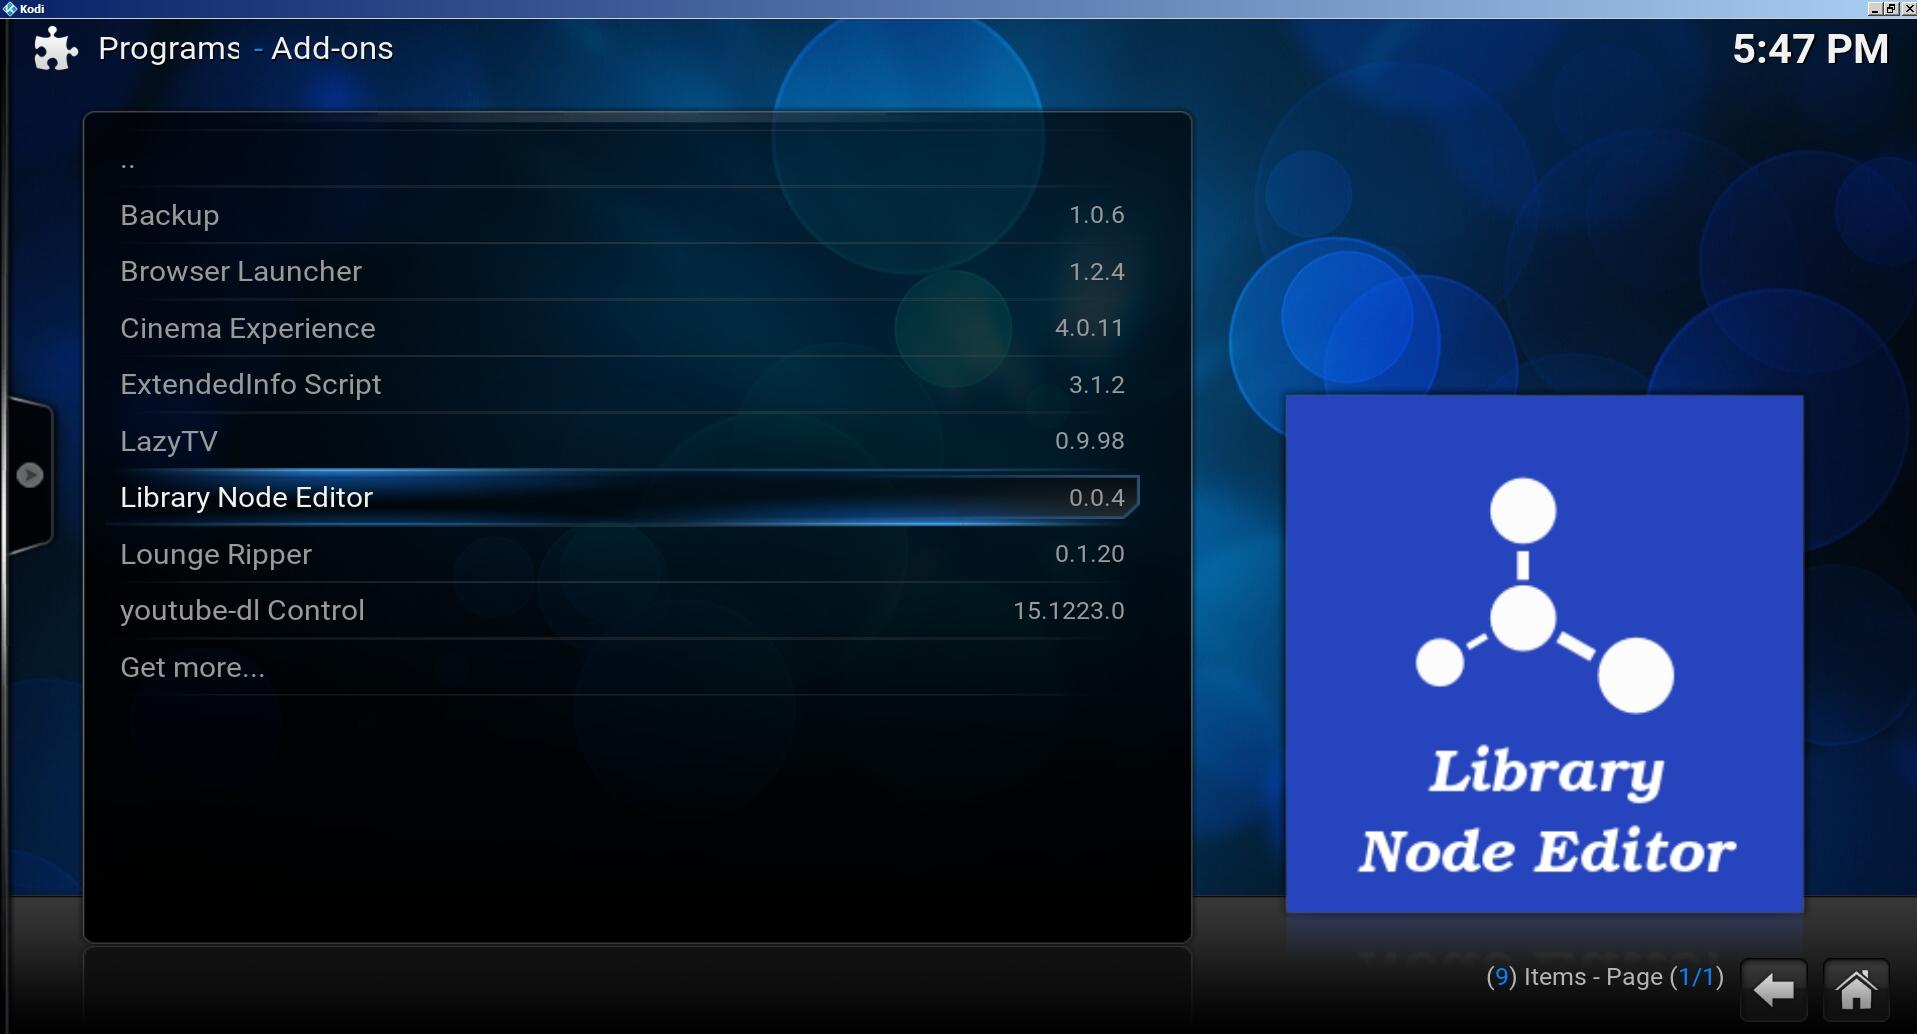 library_node_editor